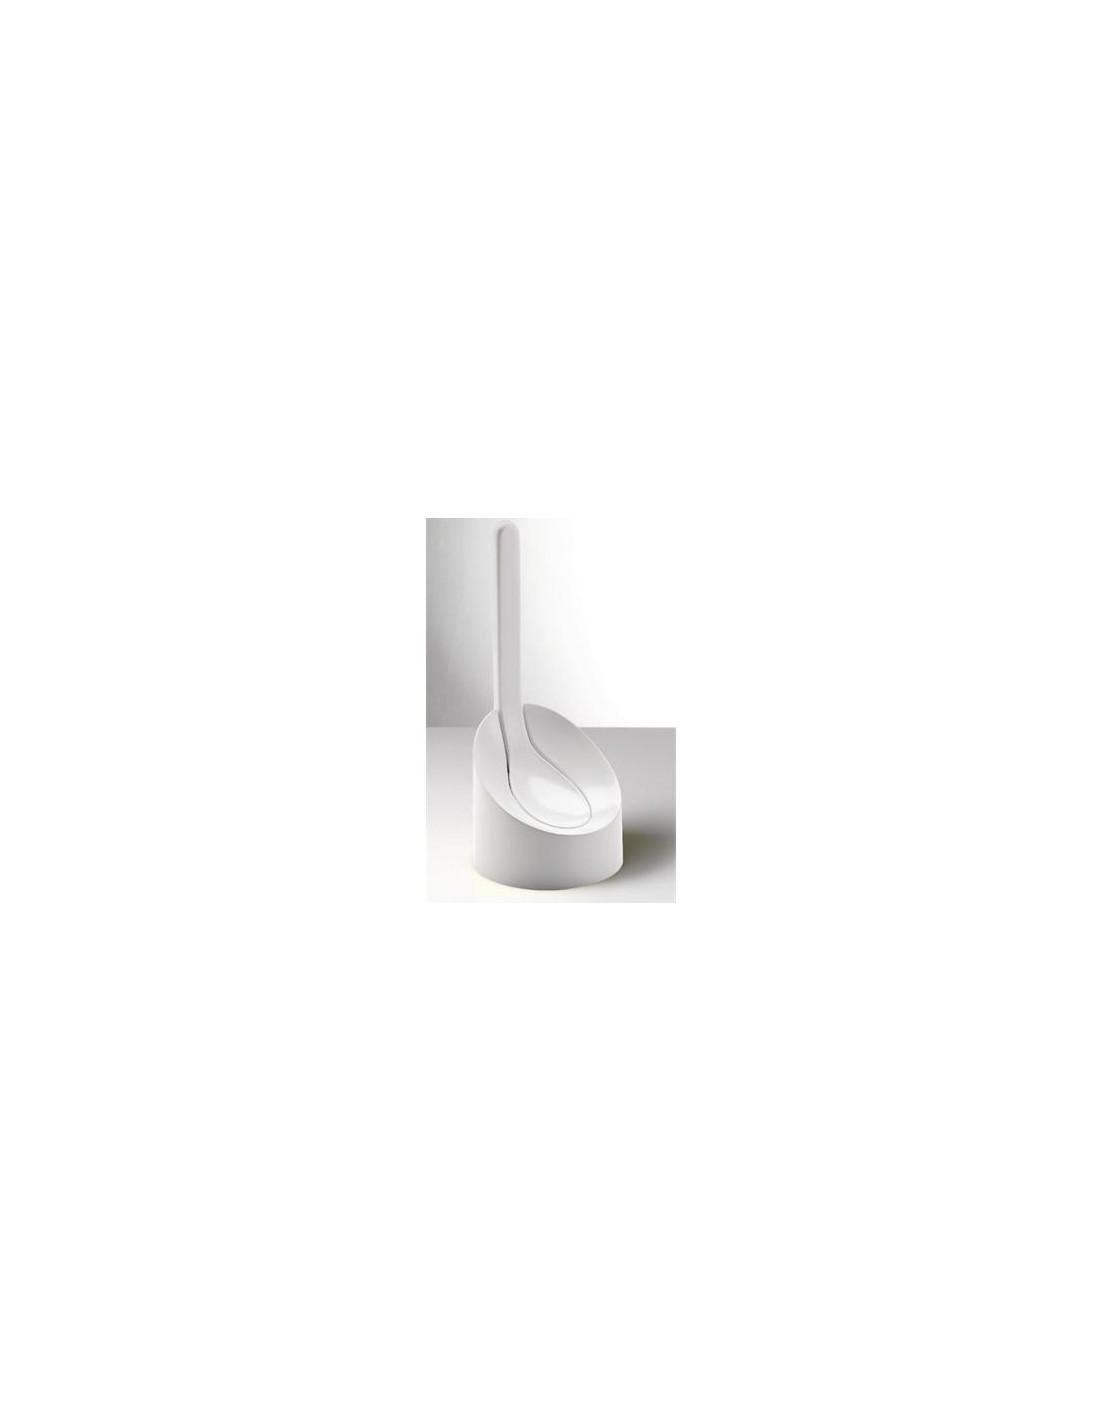 Porte balai Cucciolo Blanc de la marque Gedy